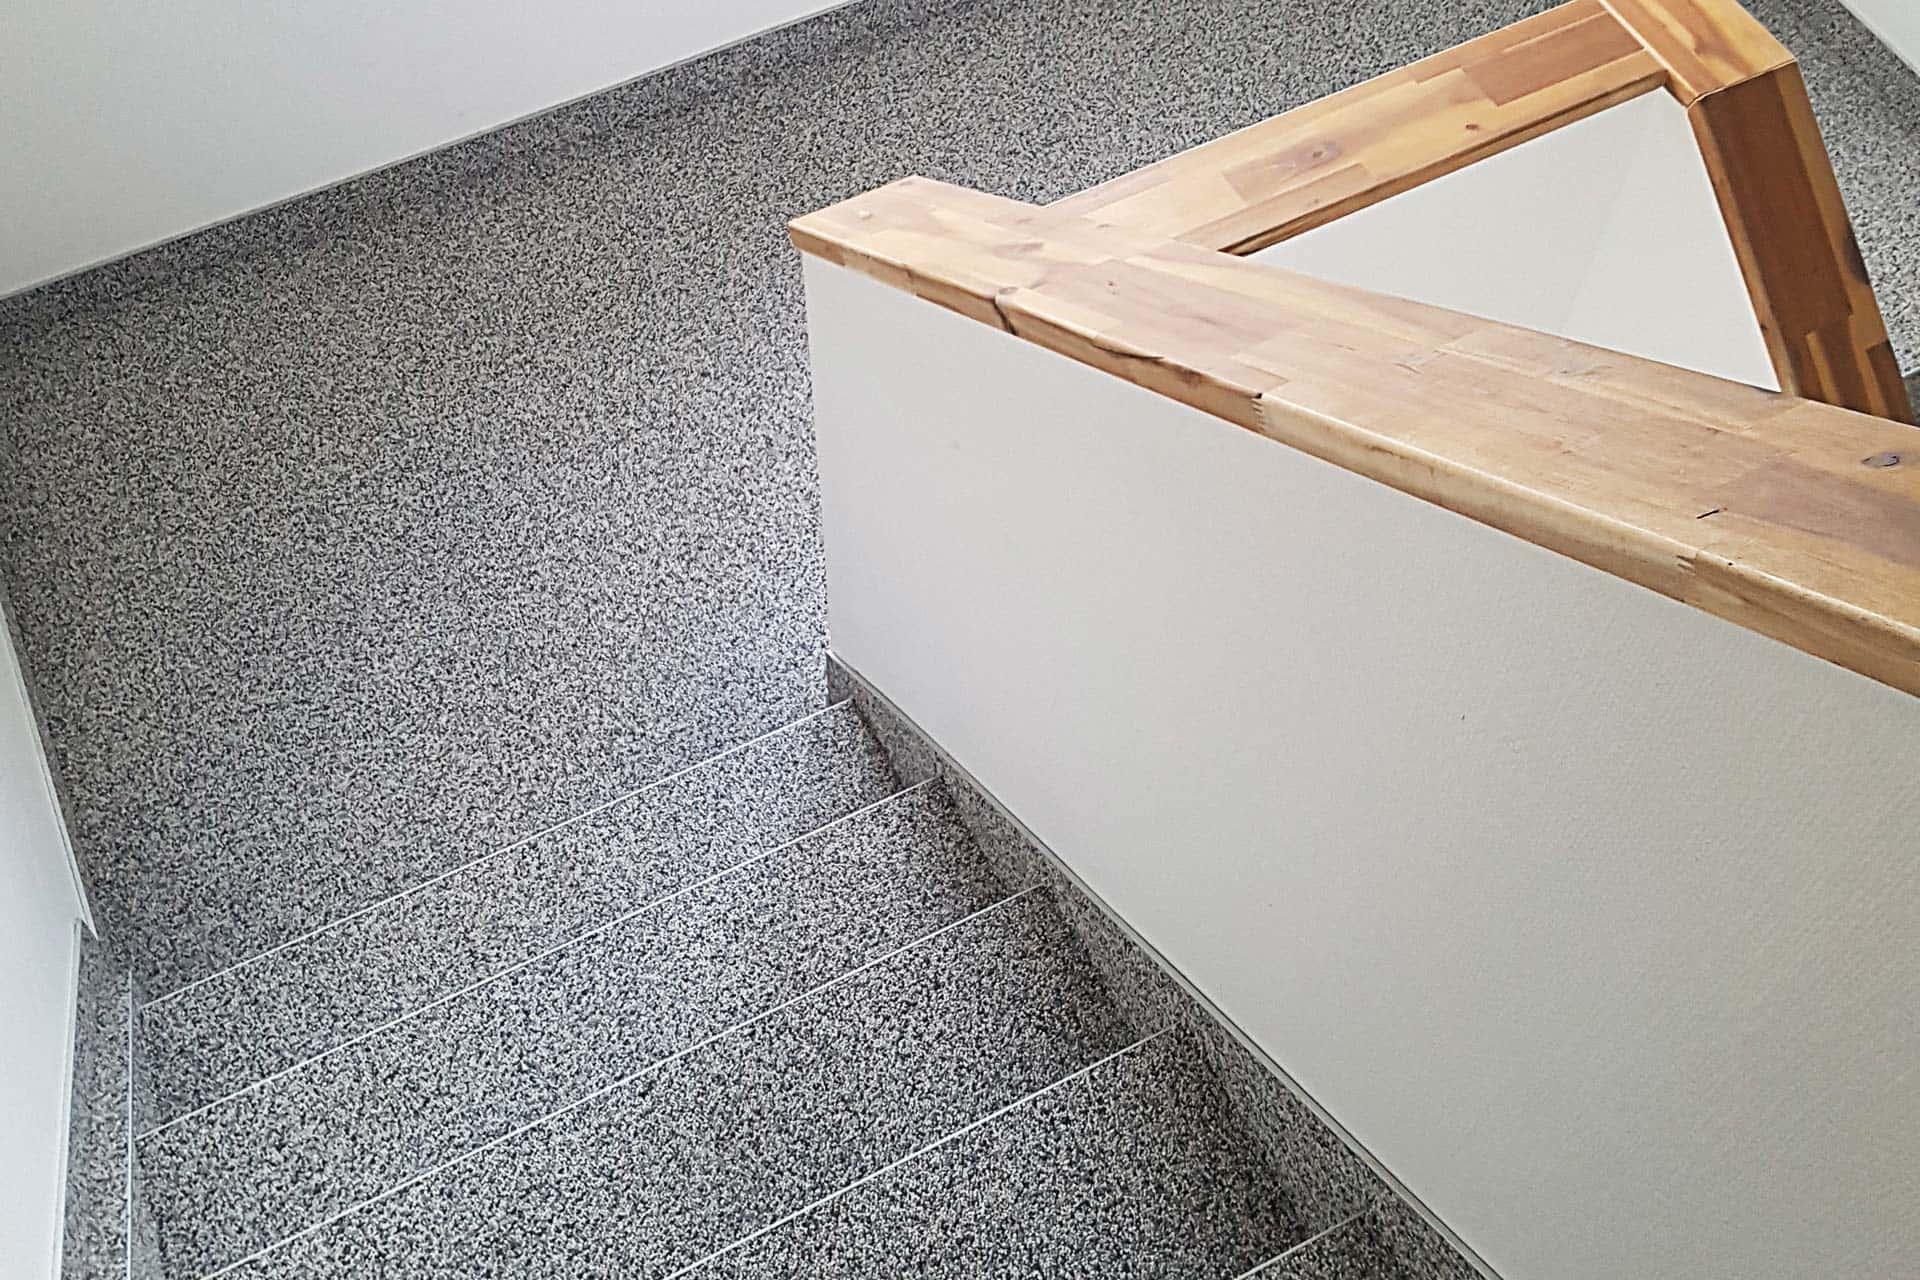 Treppensanierung und Terrassensanierung mit Steingranulat